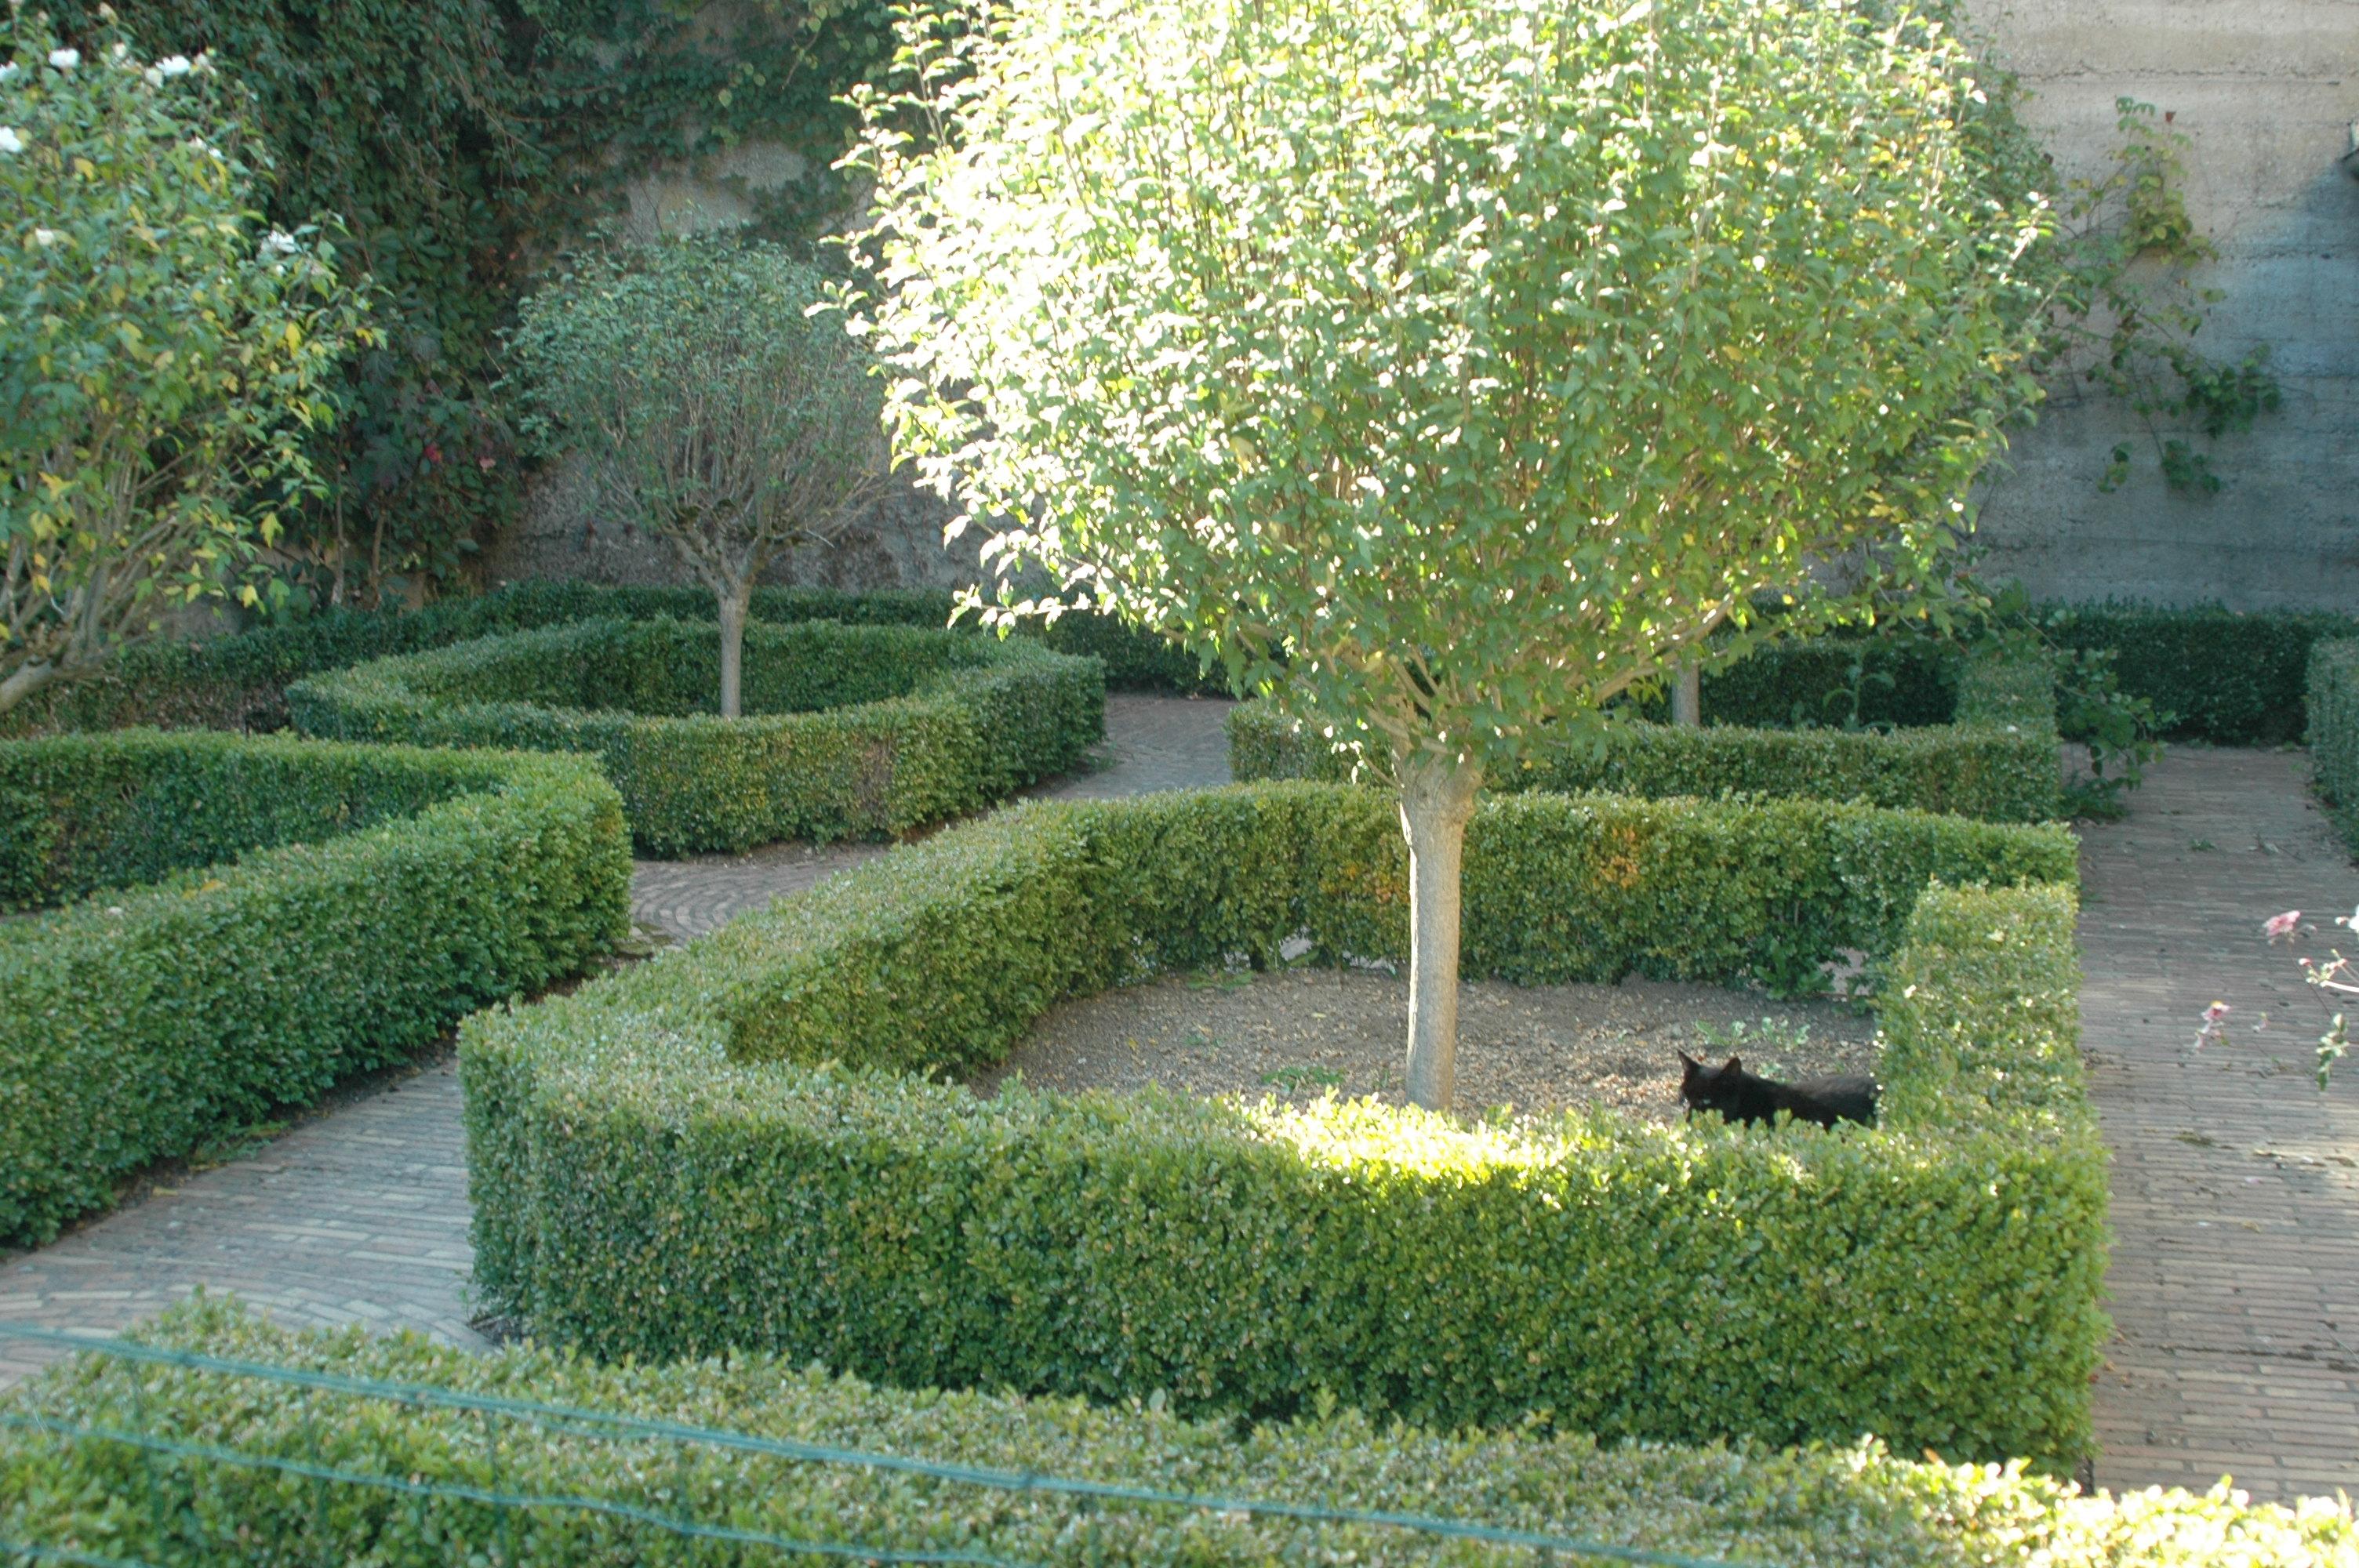 Photo apremont sur allier 18150 joli jardin for Apremont sur allier jardin